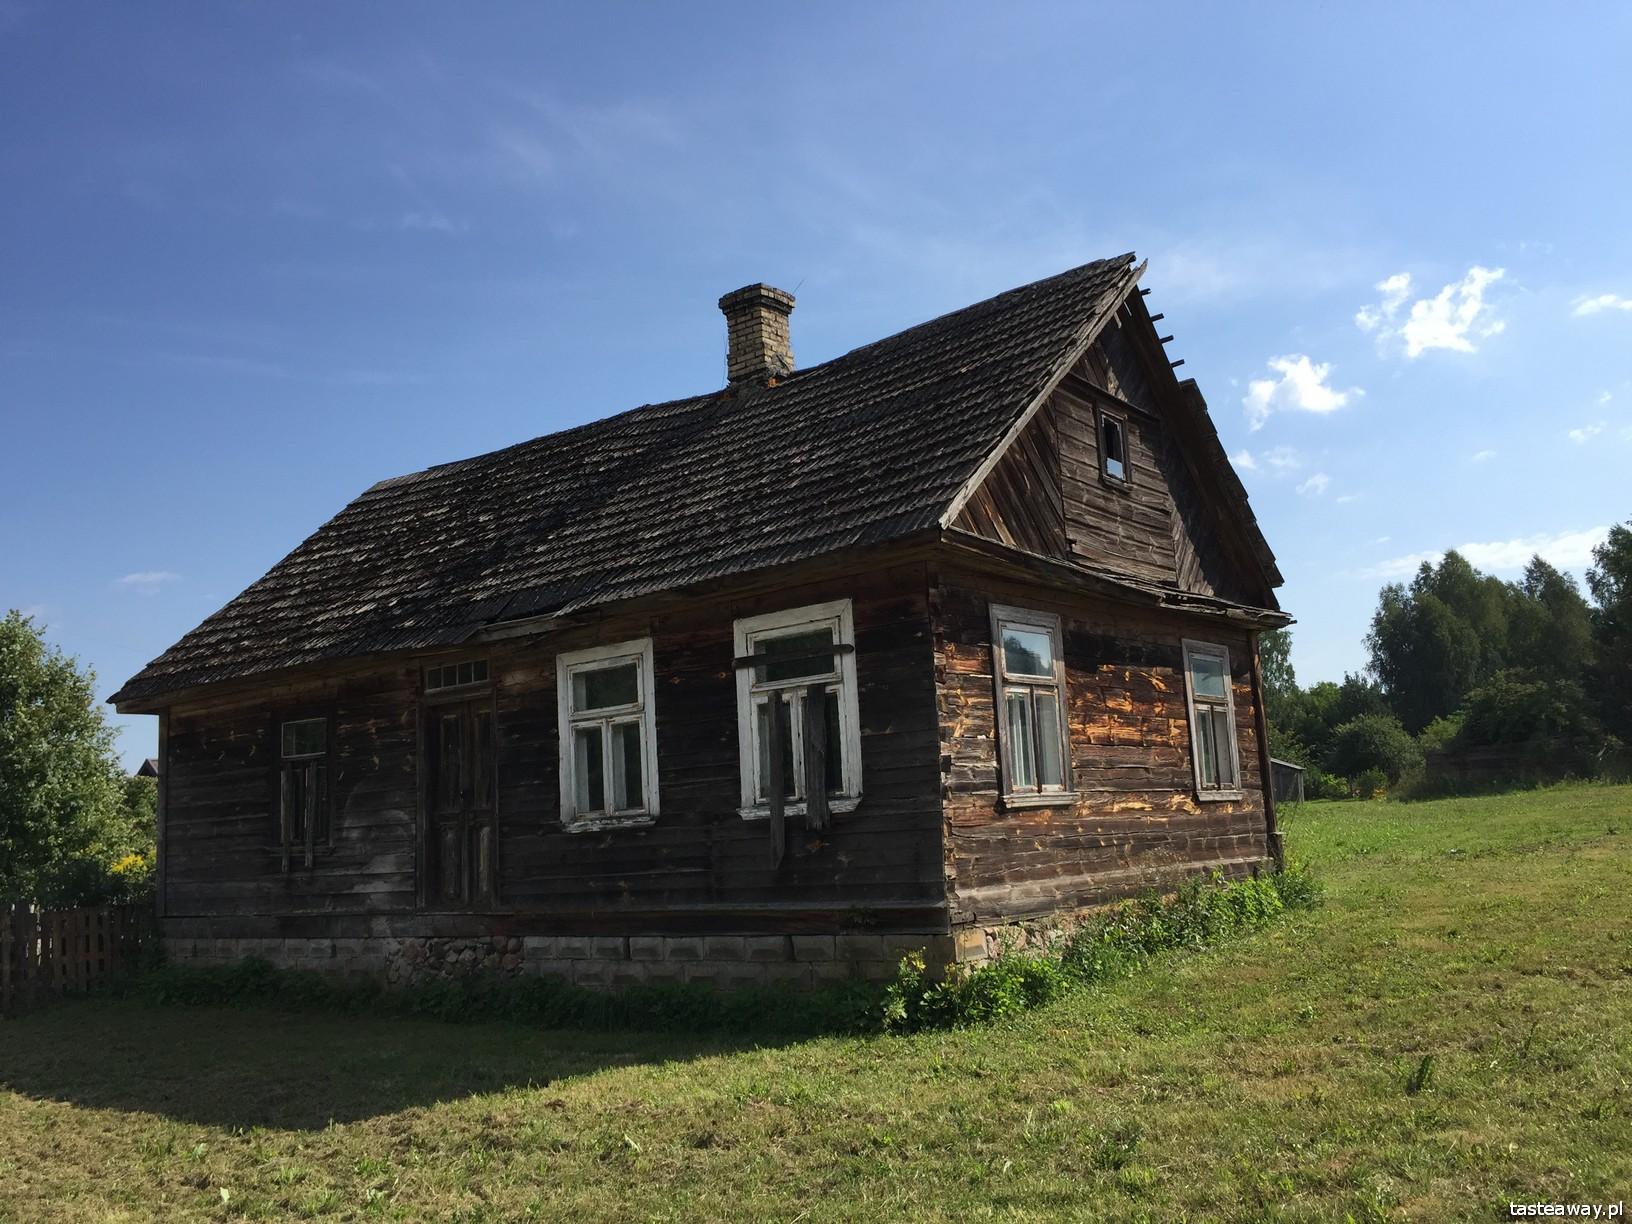 Sabantuj, Tatarzy, kuchnia tatarska, kultura tatarska, Tatarska Jurta, Tatarzy w Polsce, Kruszyniany